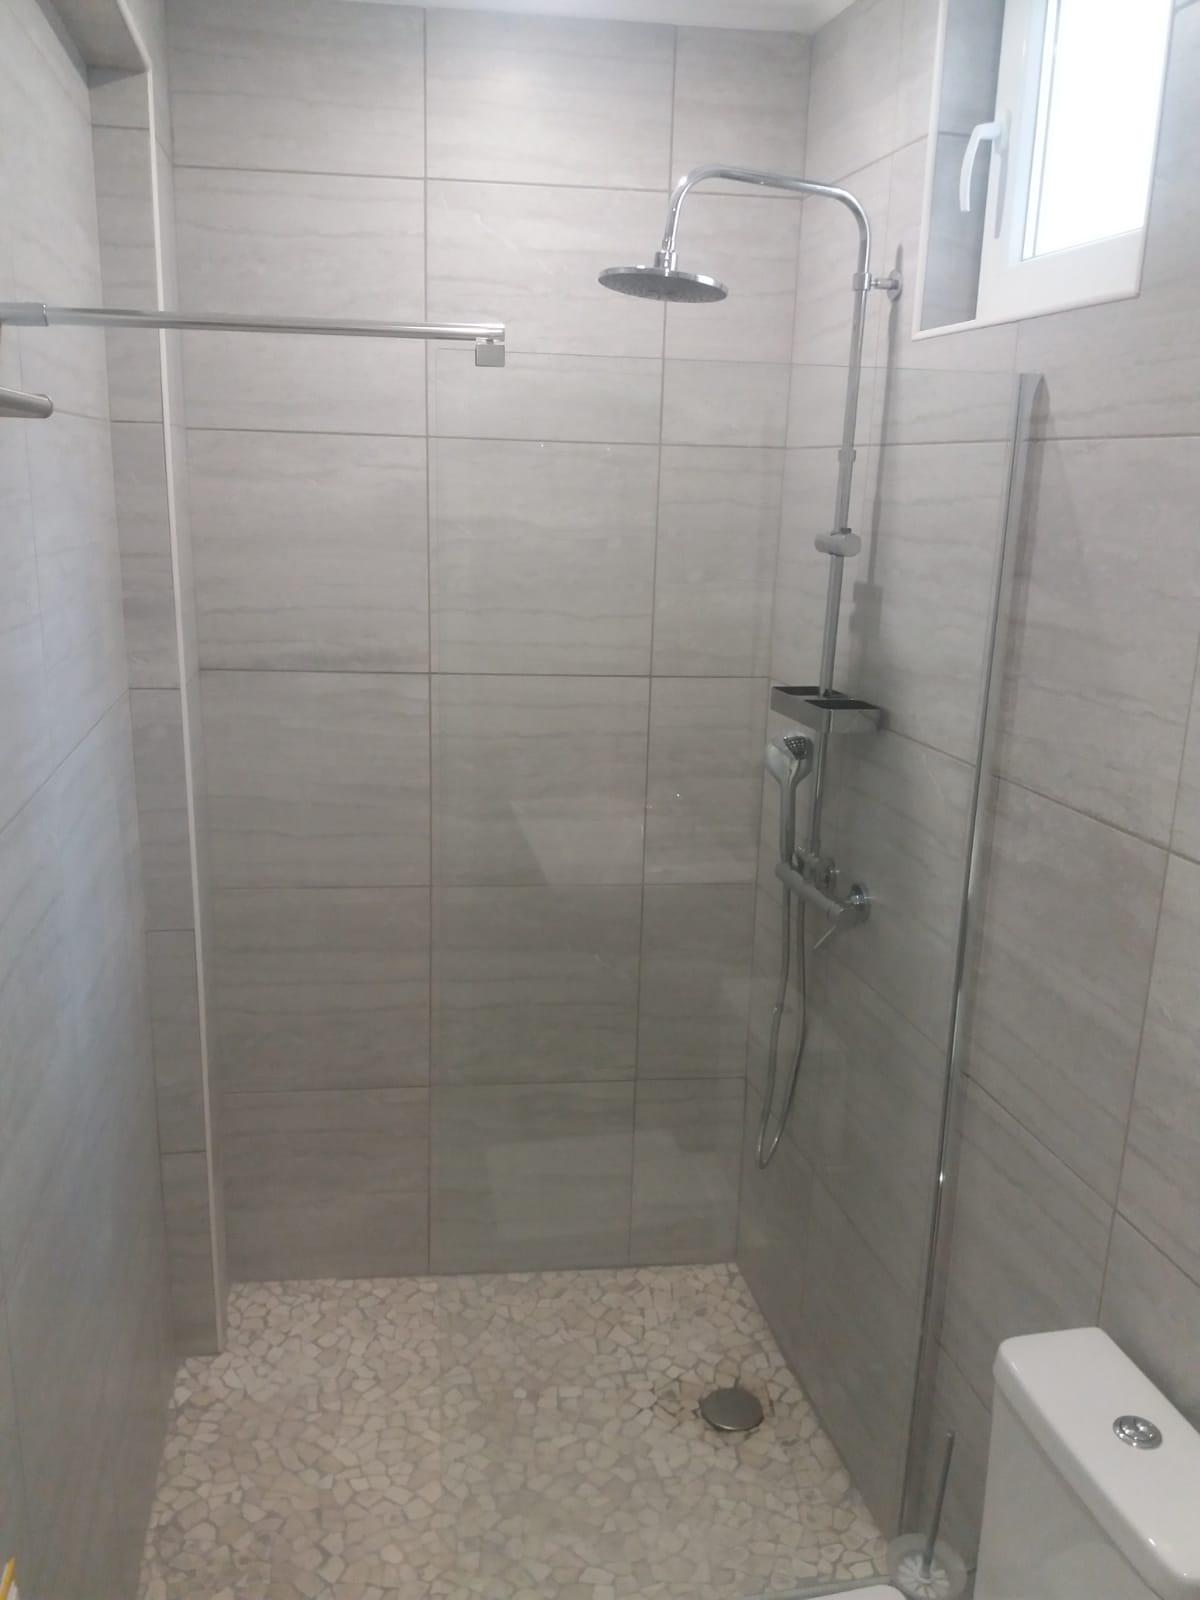 Location appartements et villas de vacance, Sol apartment à Portimão, Portugal Algarve, REF_IMG_5675_5679